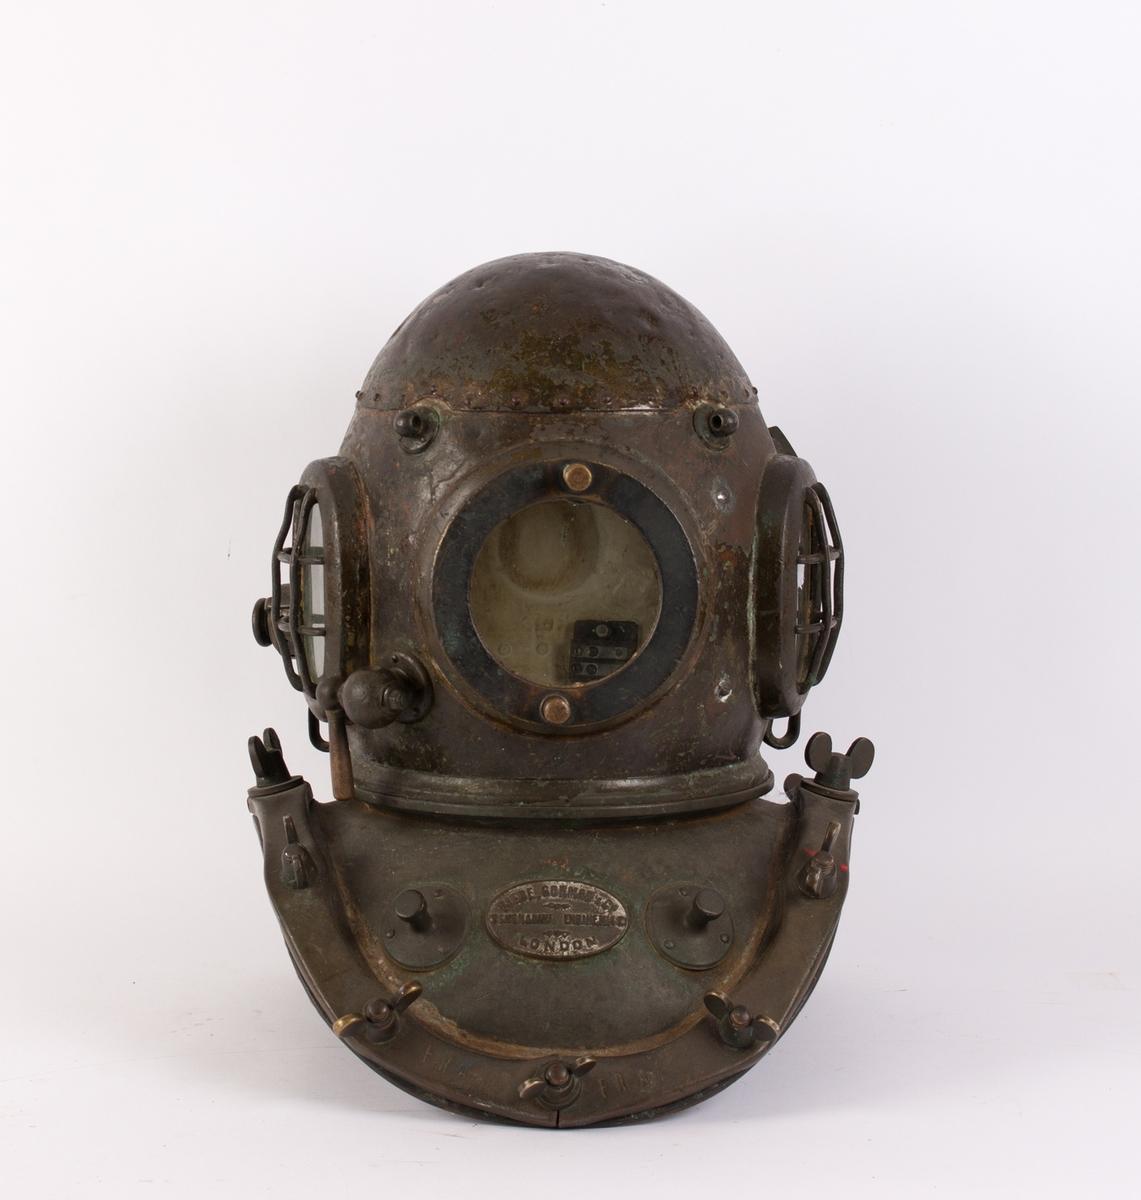 Dykkerhjelm i kobber med to glassåpninger med gitter på siden samt en glassventil uten gitter som kan åpnes i front. Luftinntak i bakre del av hjelmen. Hjelmen er skrudd sammen med en kravekant som går utover skuldrene med 12 stk. vingemuttere.